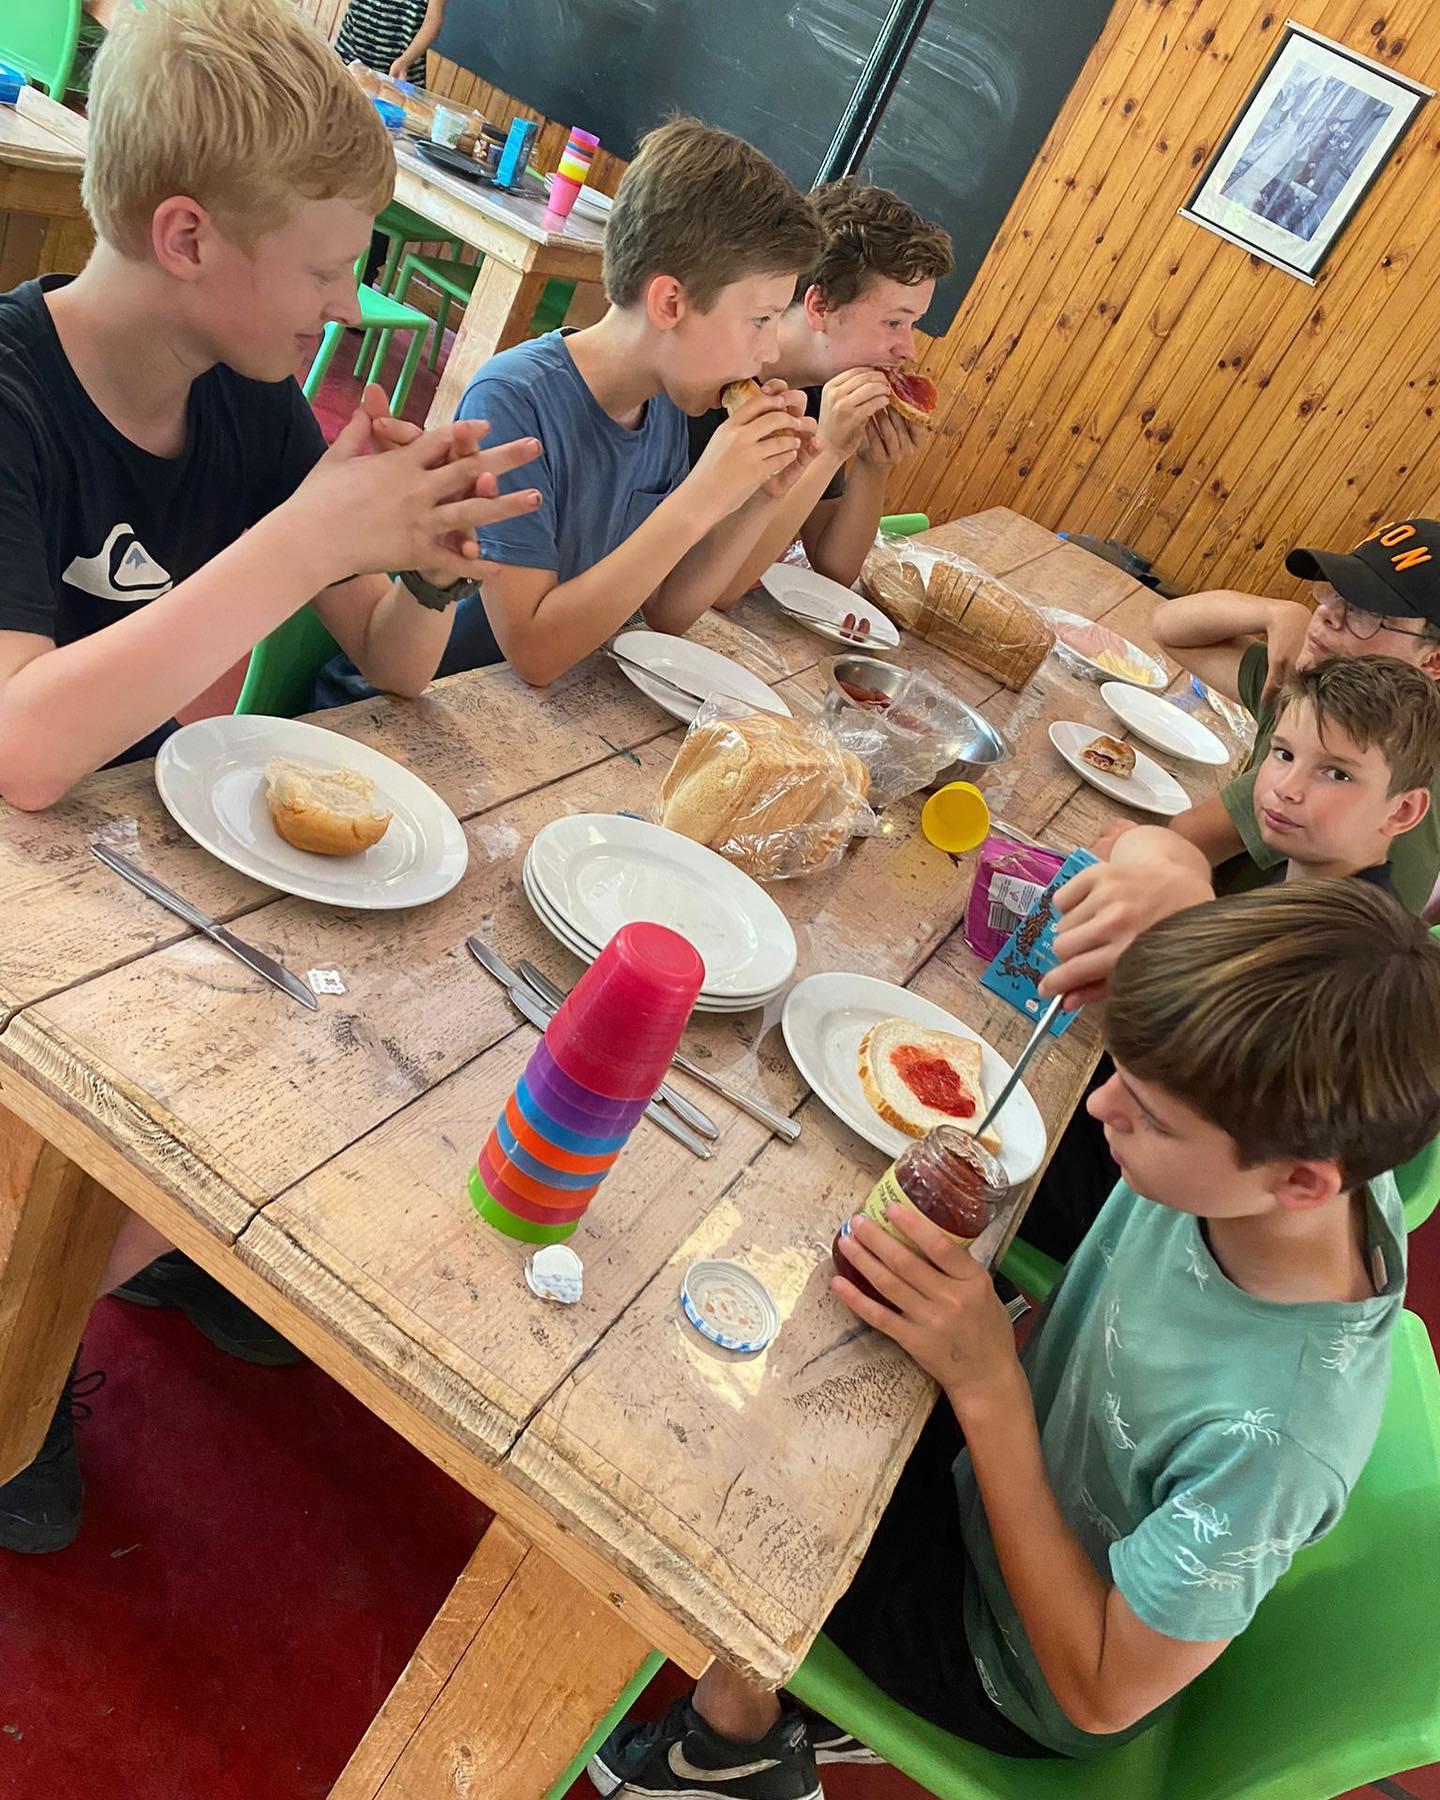 Dinner-time @ kampklastwee 🍽 #leuksteschool #ashramcollege #nieuwkoop